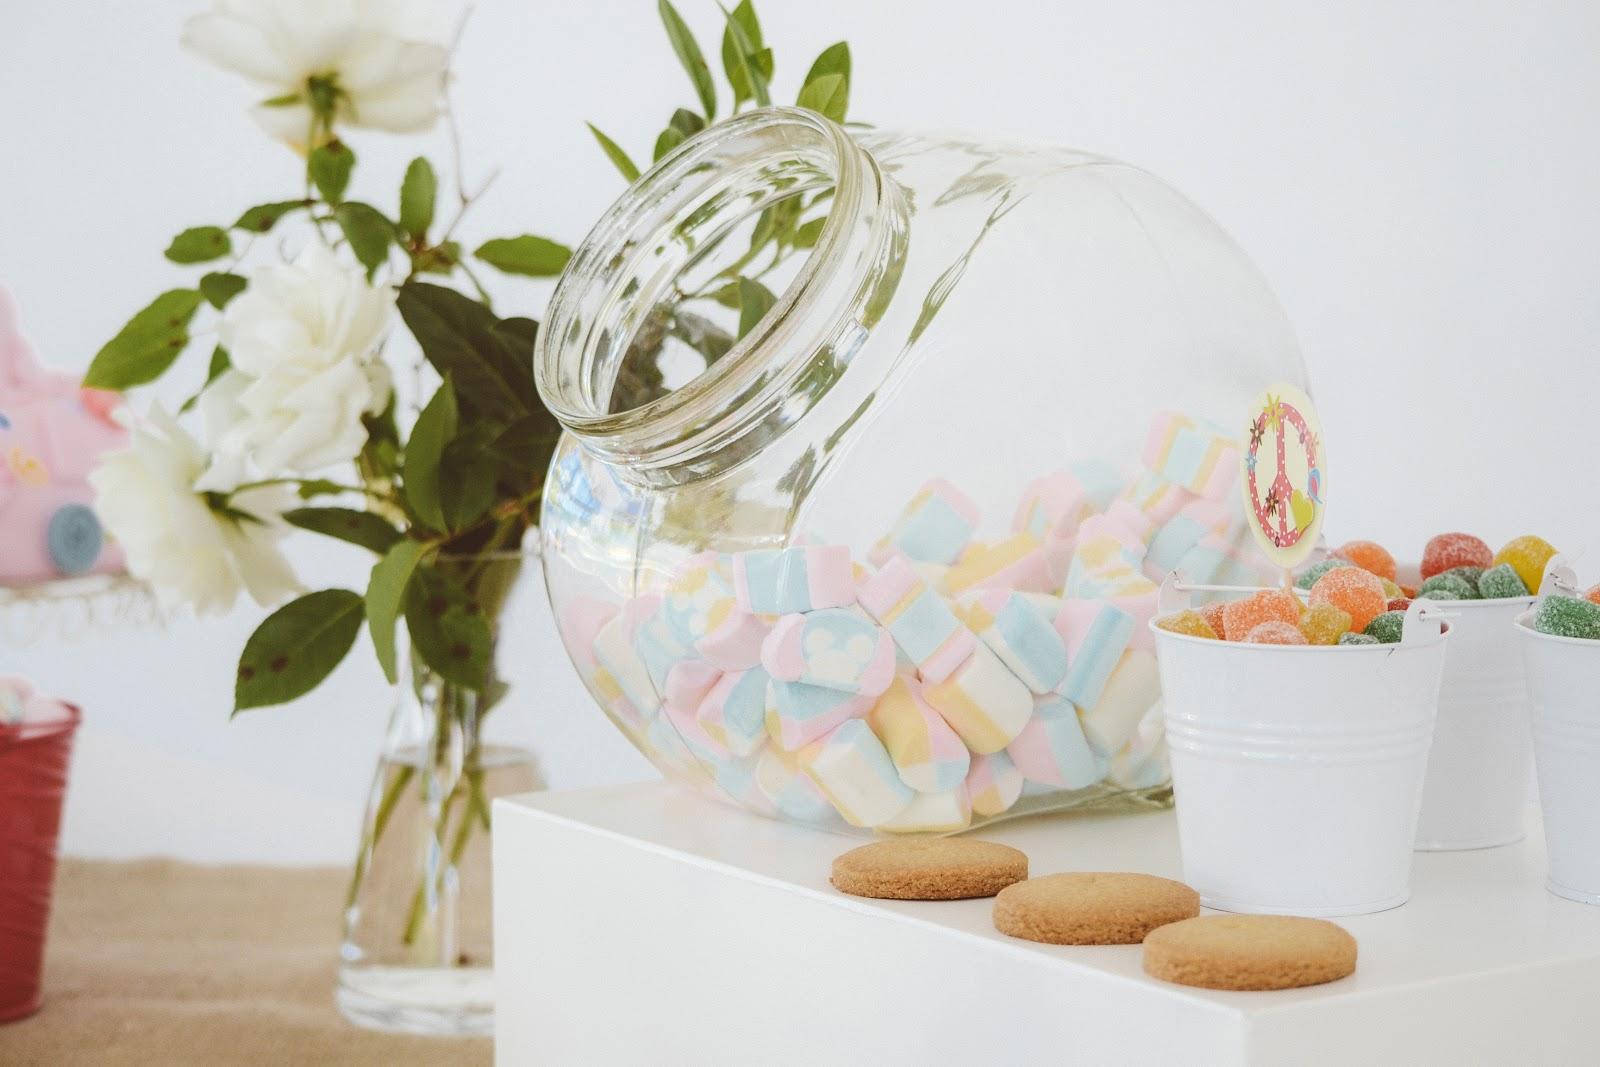 Wedding Candy Buffet Presentation